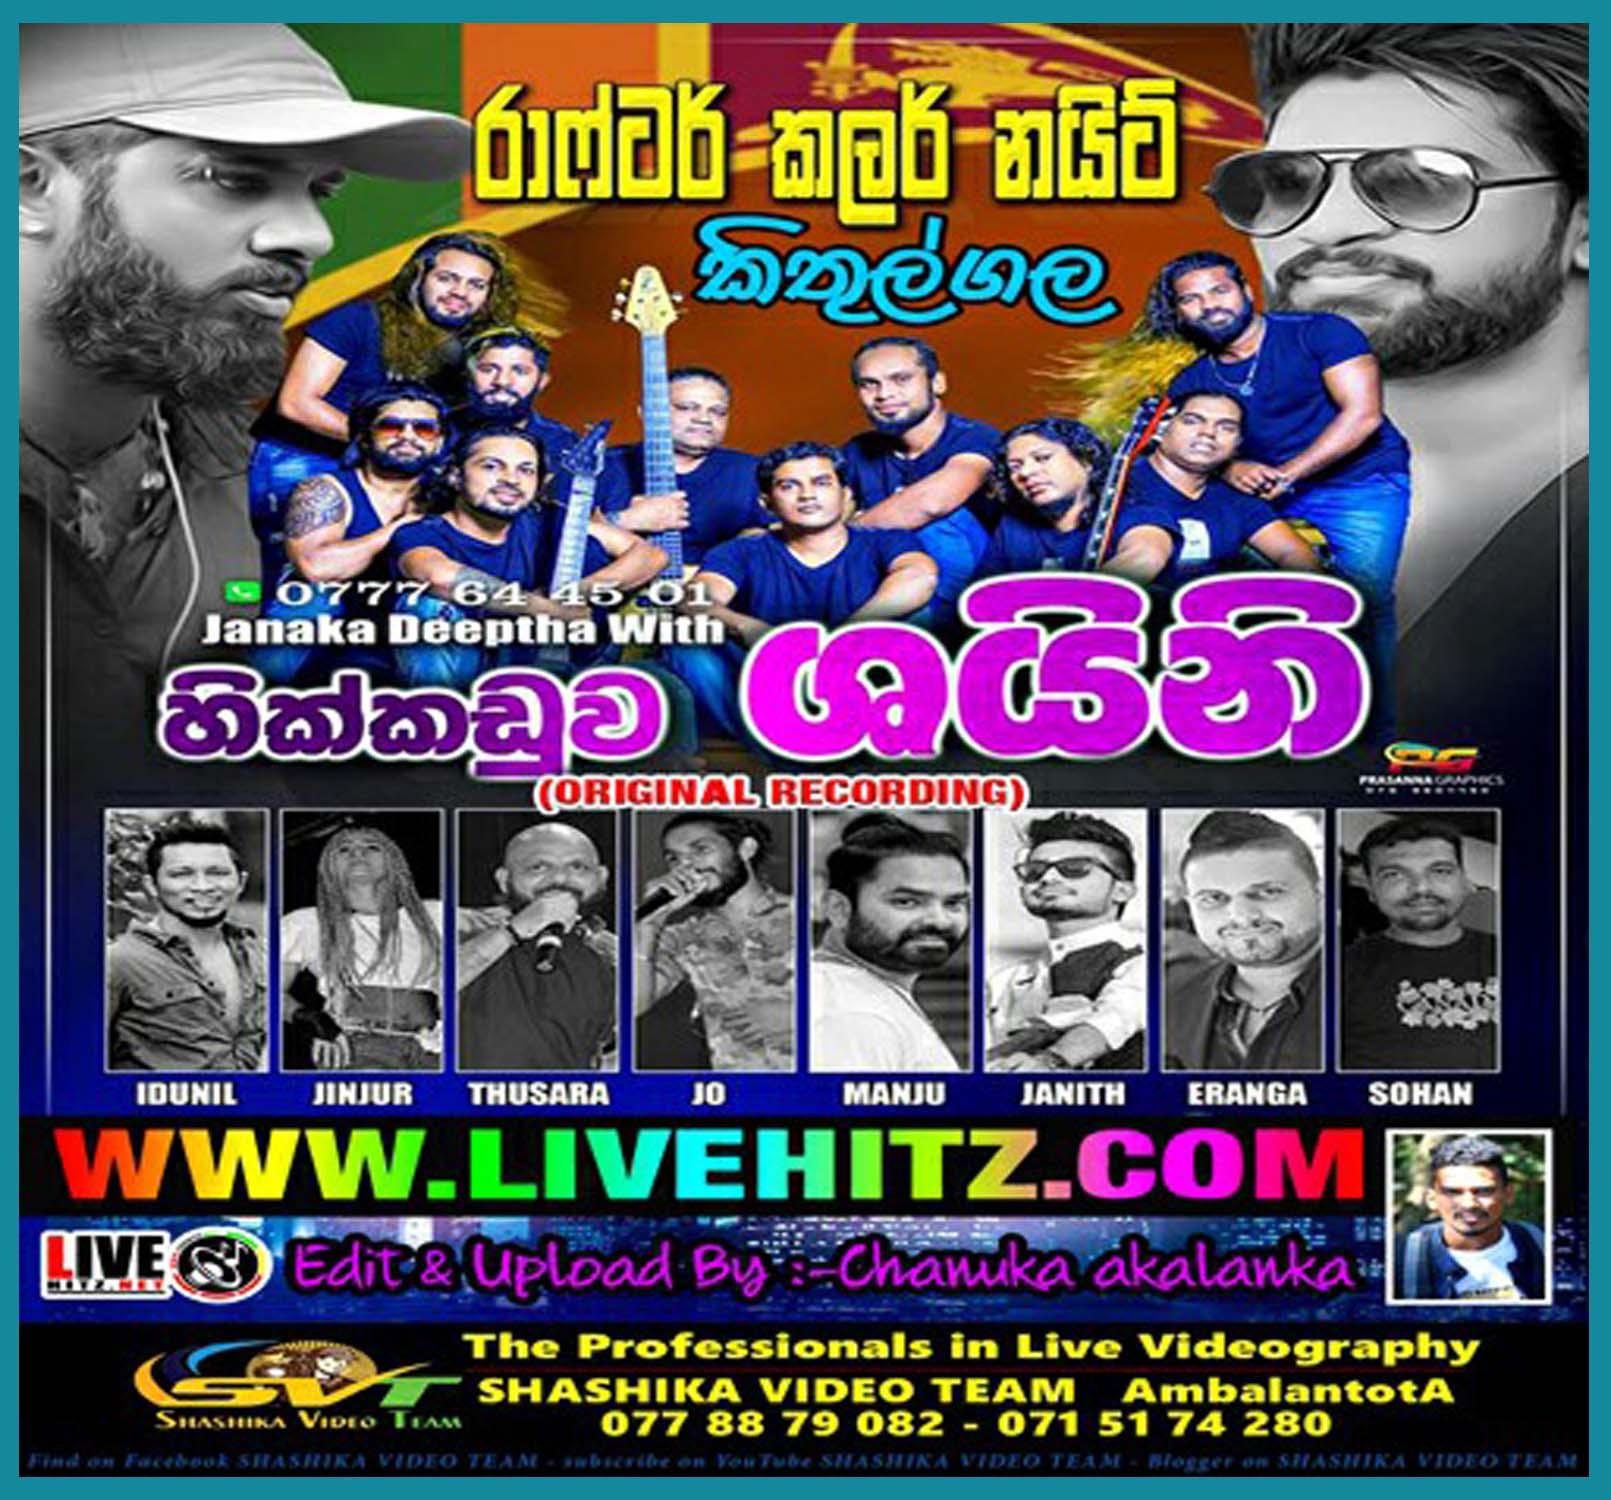 Hikkaduwa Shiny Live In Kithulgala 2020-02-04 Live Show Image